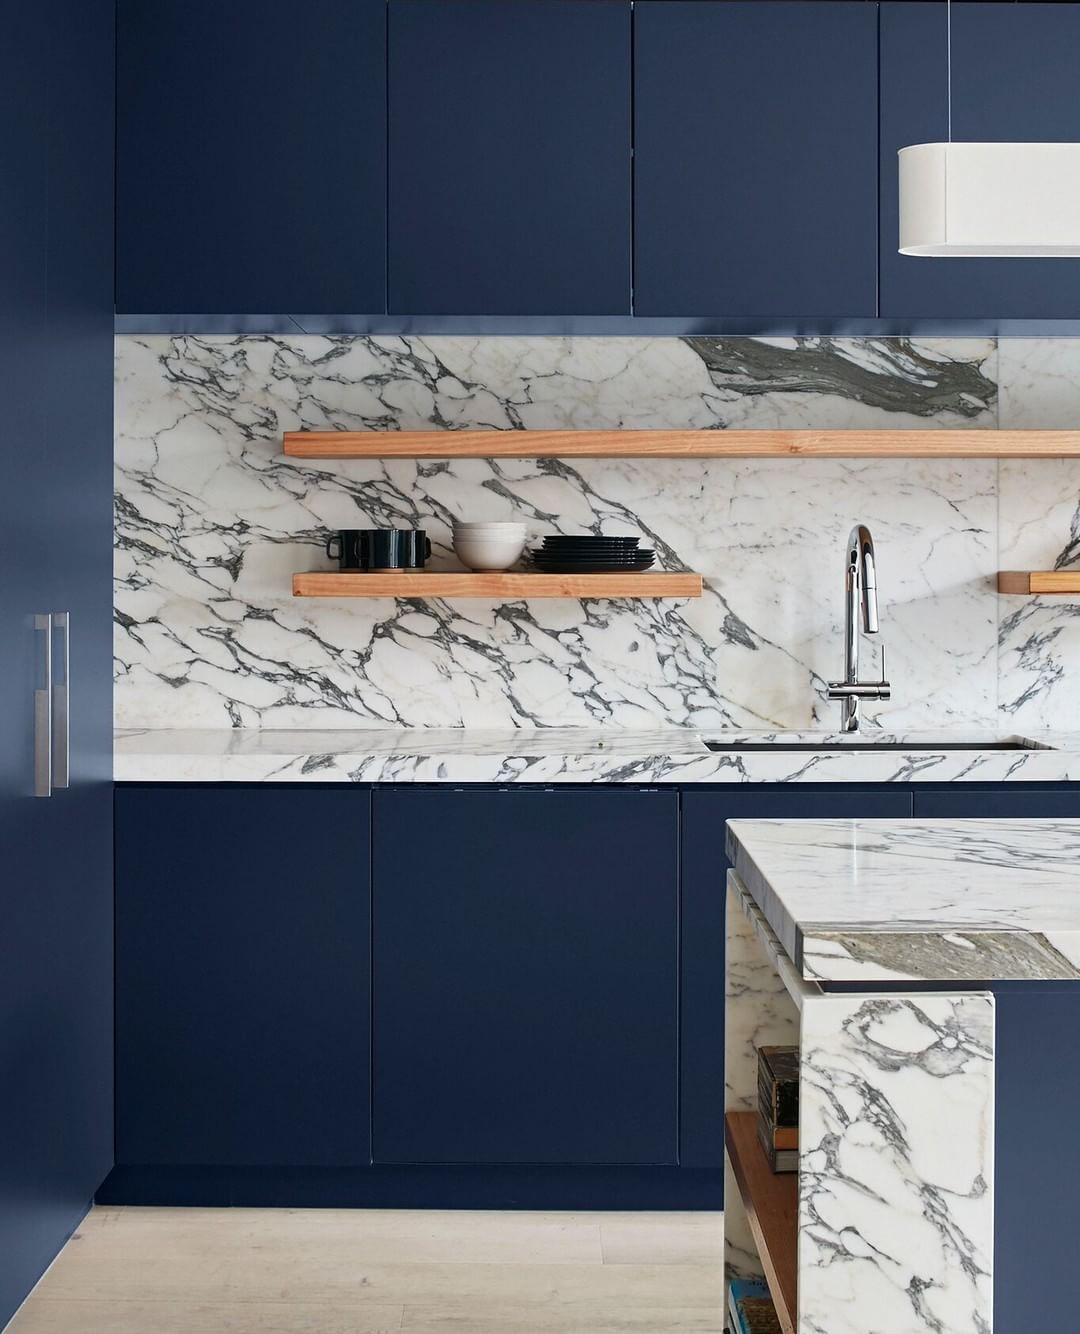 Blaue Fronten Mit Ruckwanden Und Arbeitsplatten Aus Hellem Marmor Dafur Mehr Regram Via Kuechenfinder Interior Design Interior Design